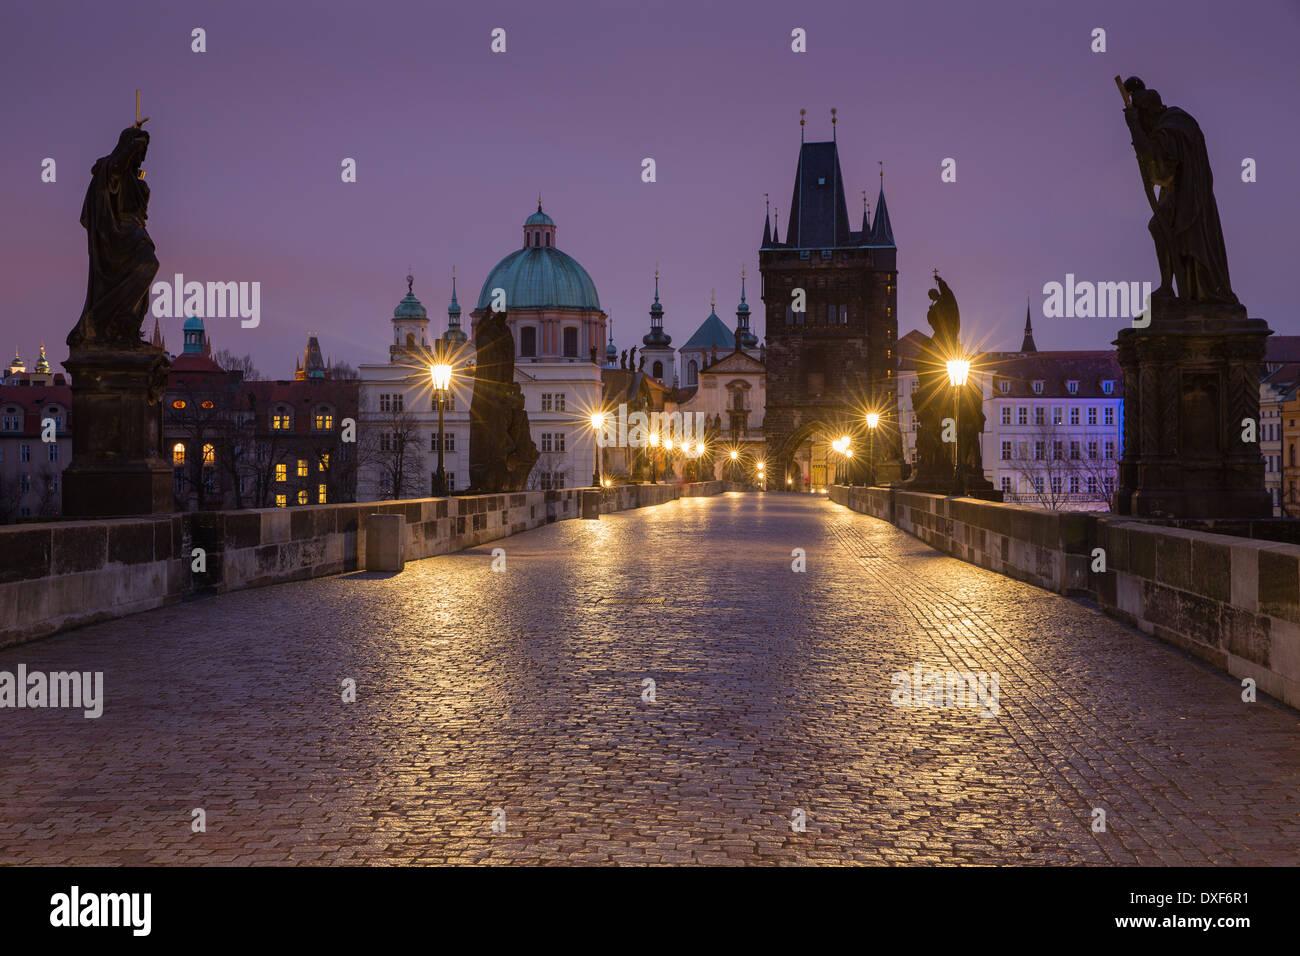 Morgendämmerung auf der Karlsbrücke mit den Türmen und Türme der Altstadt jenseits, Prag, Tschechische Republik Stockbild